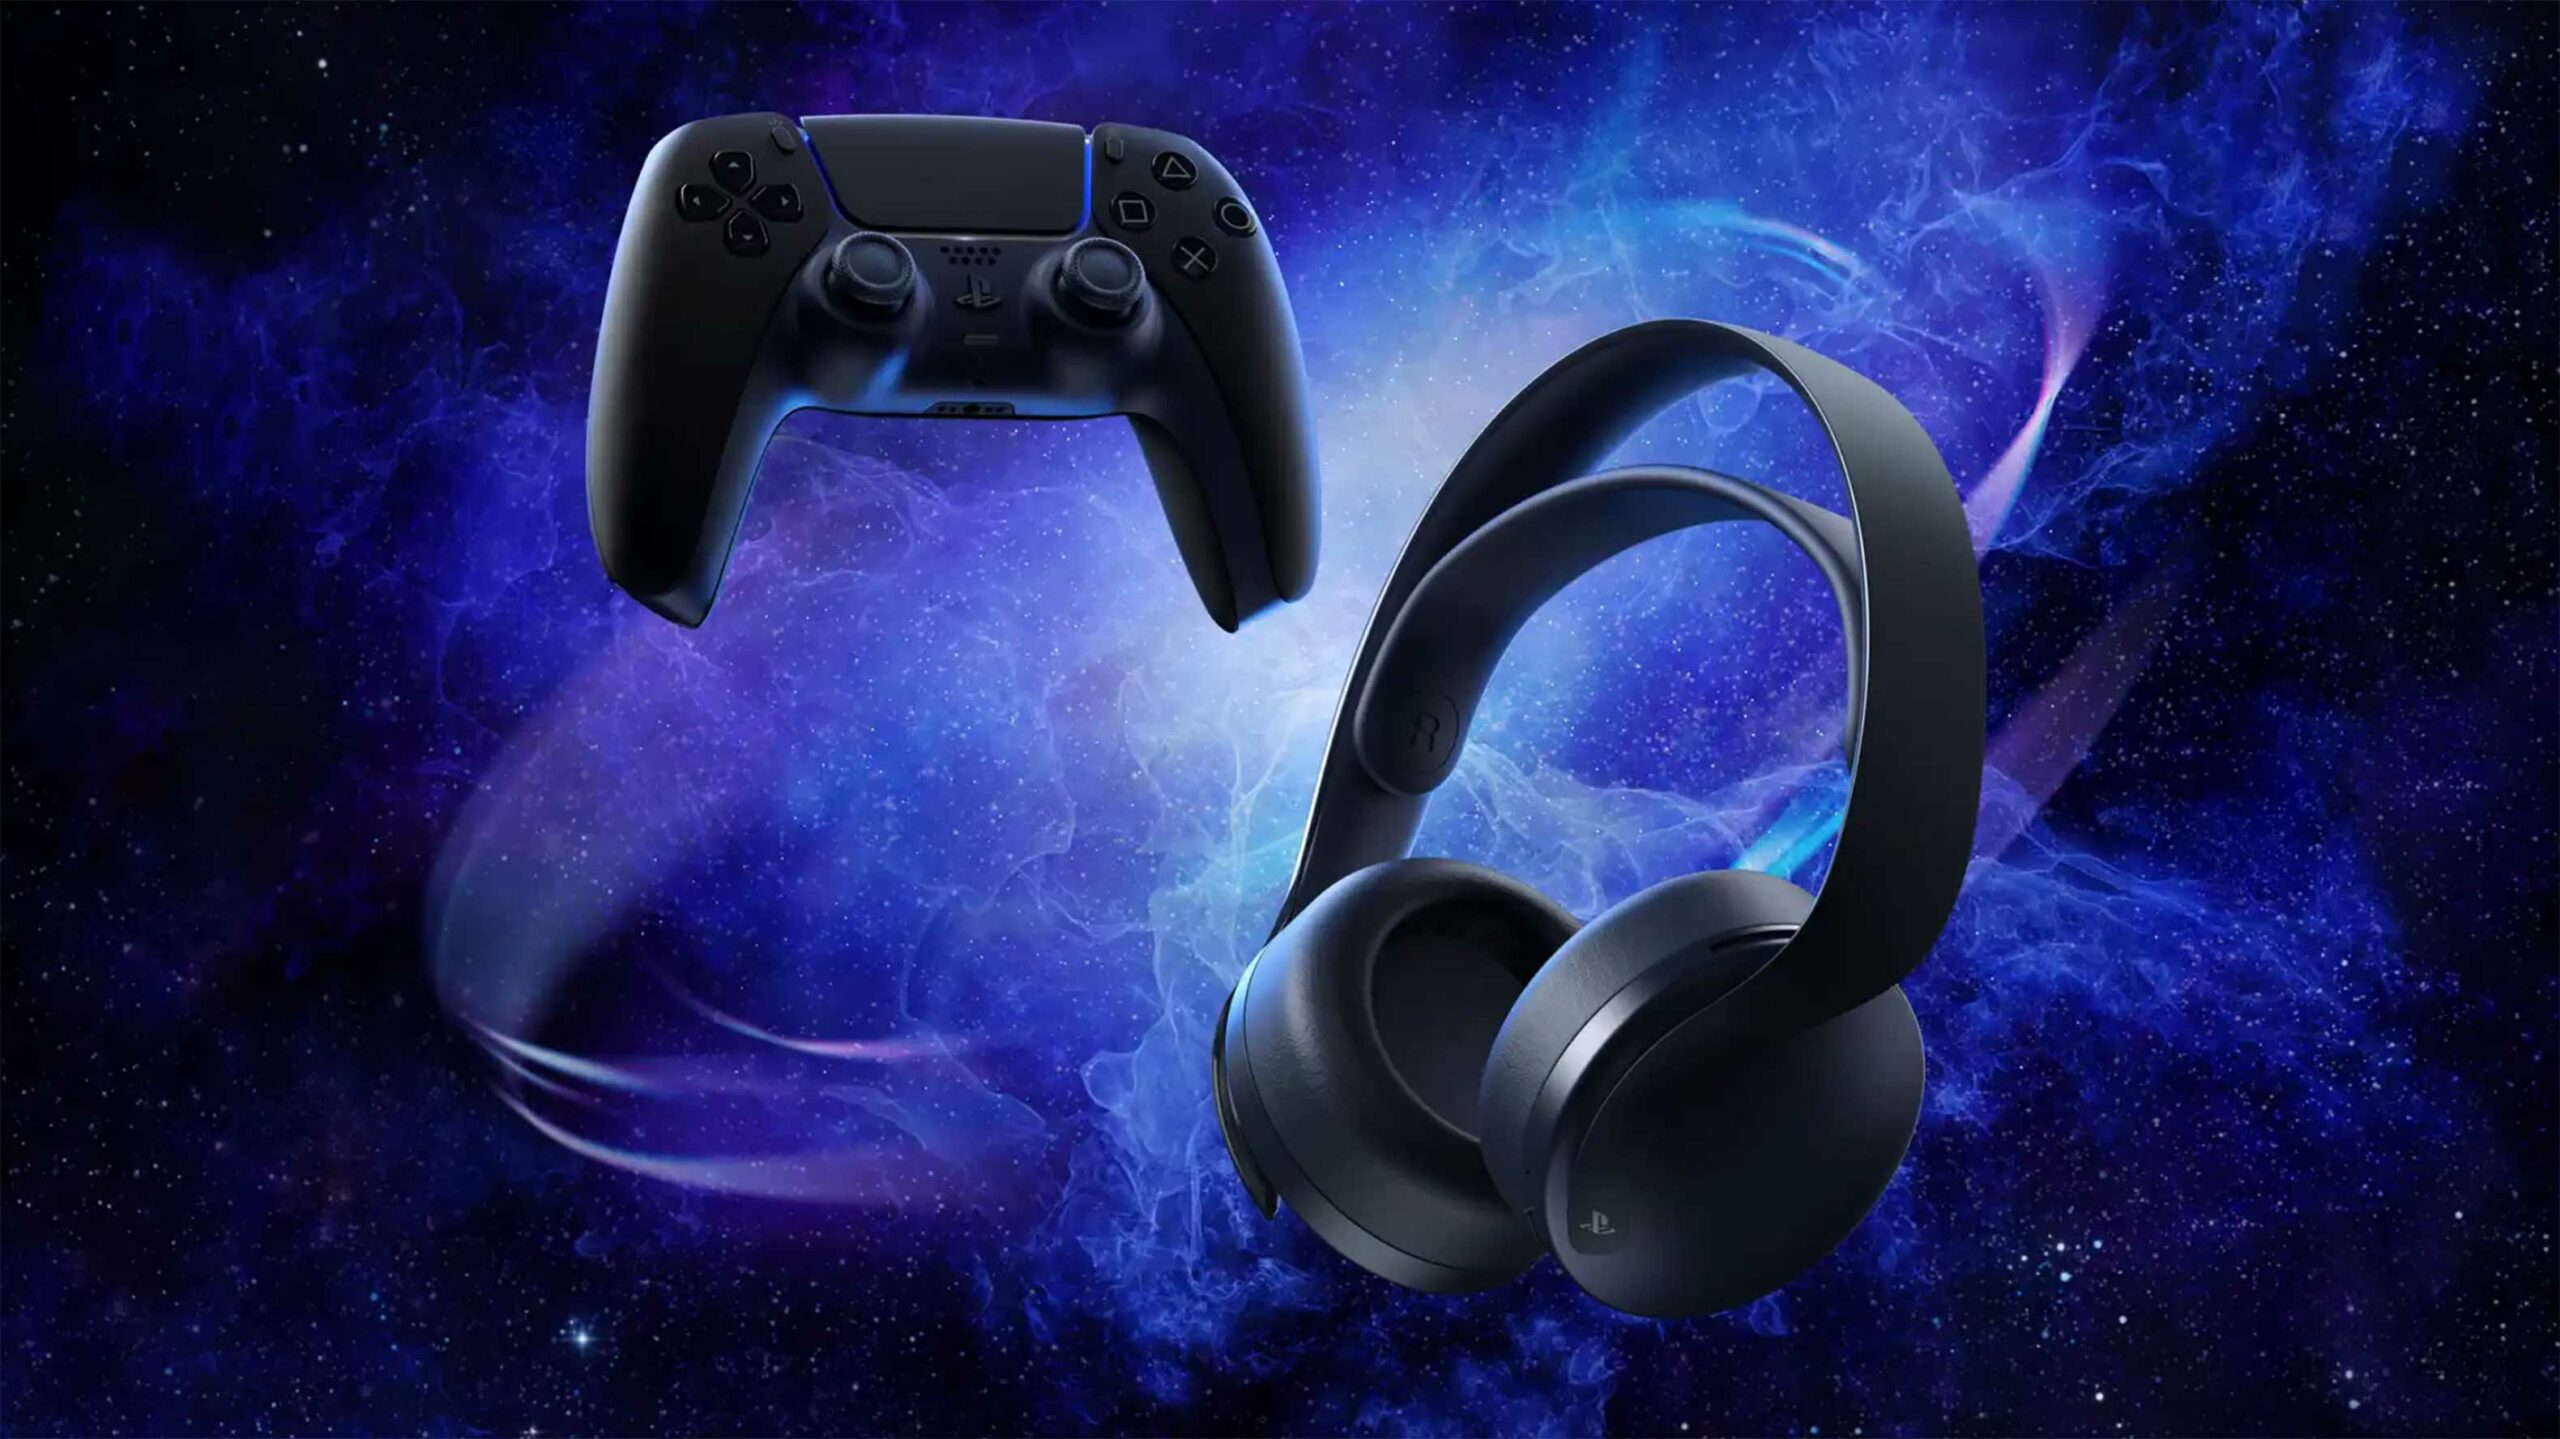 PS5 Midnight Black